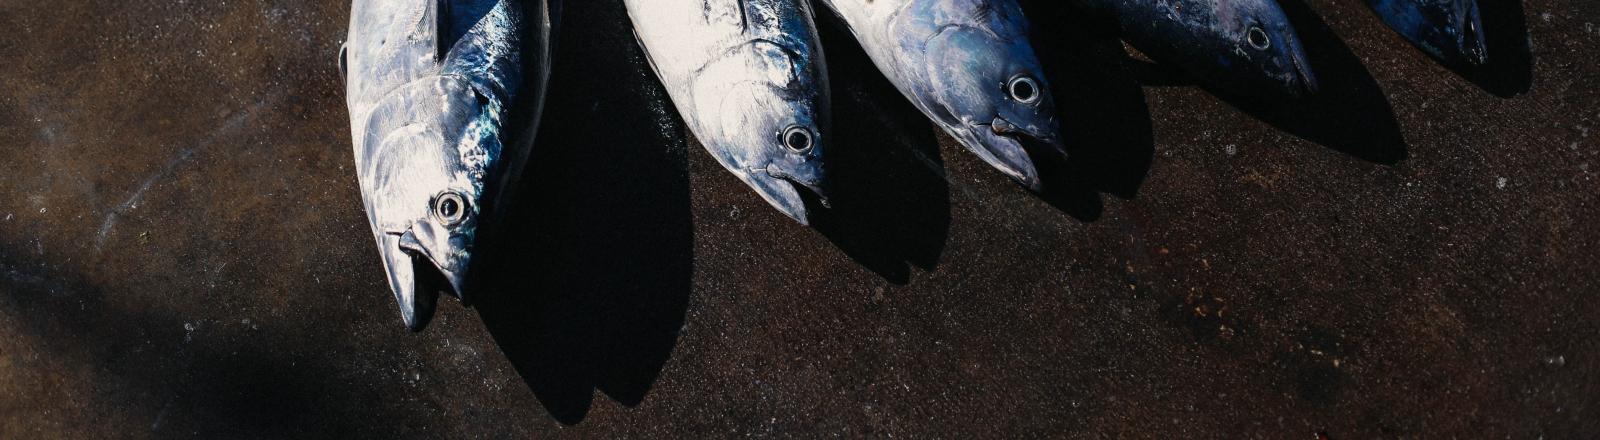 Bereit für die Kühlung: einige Thunfische nach dem Fang und vor dem Verzehr